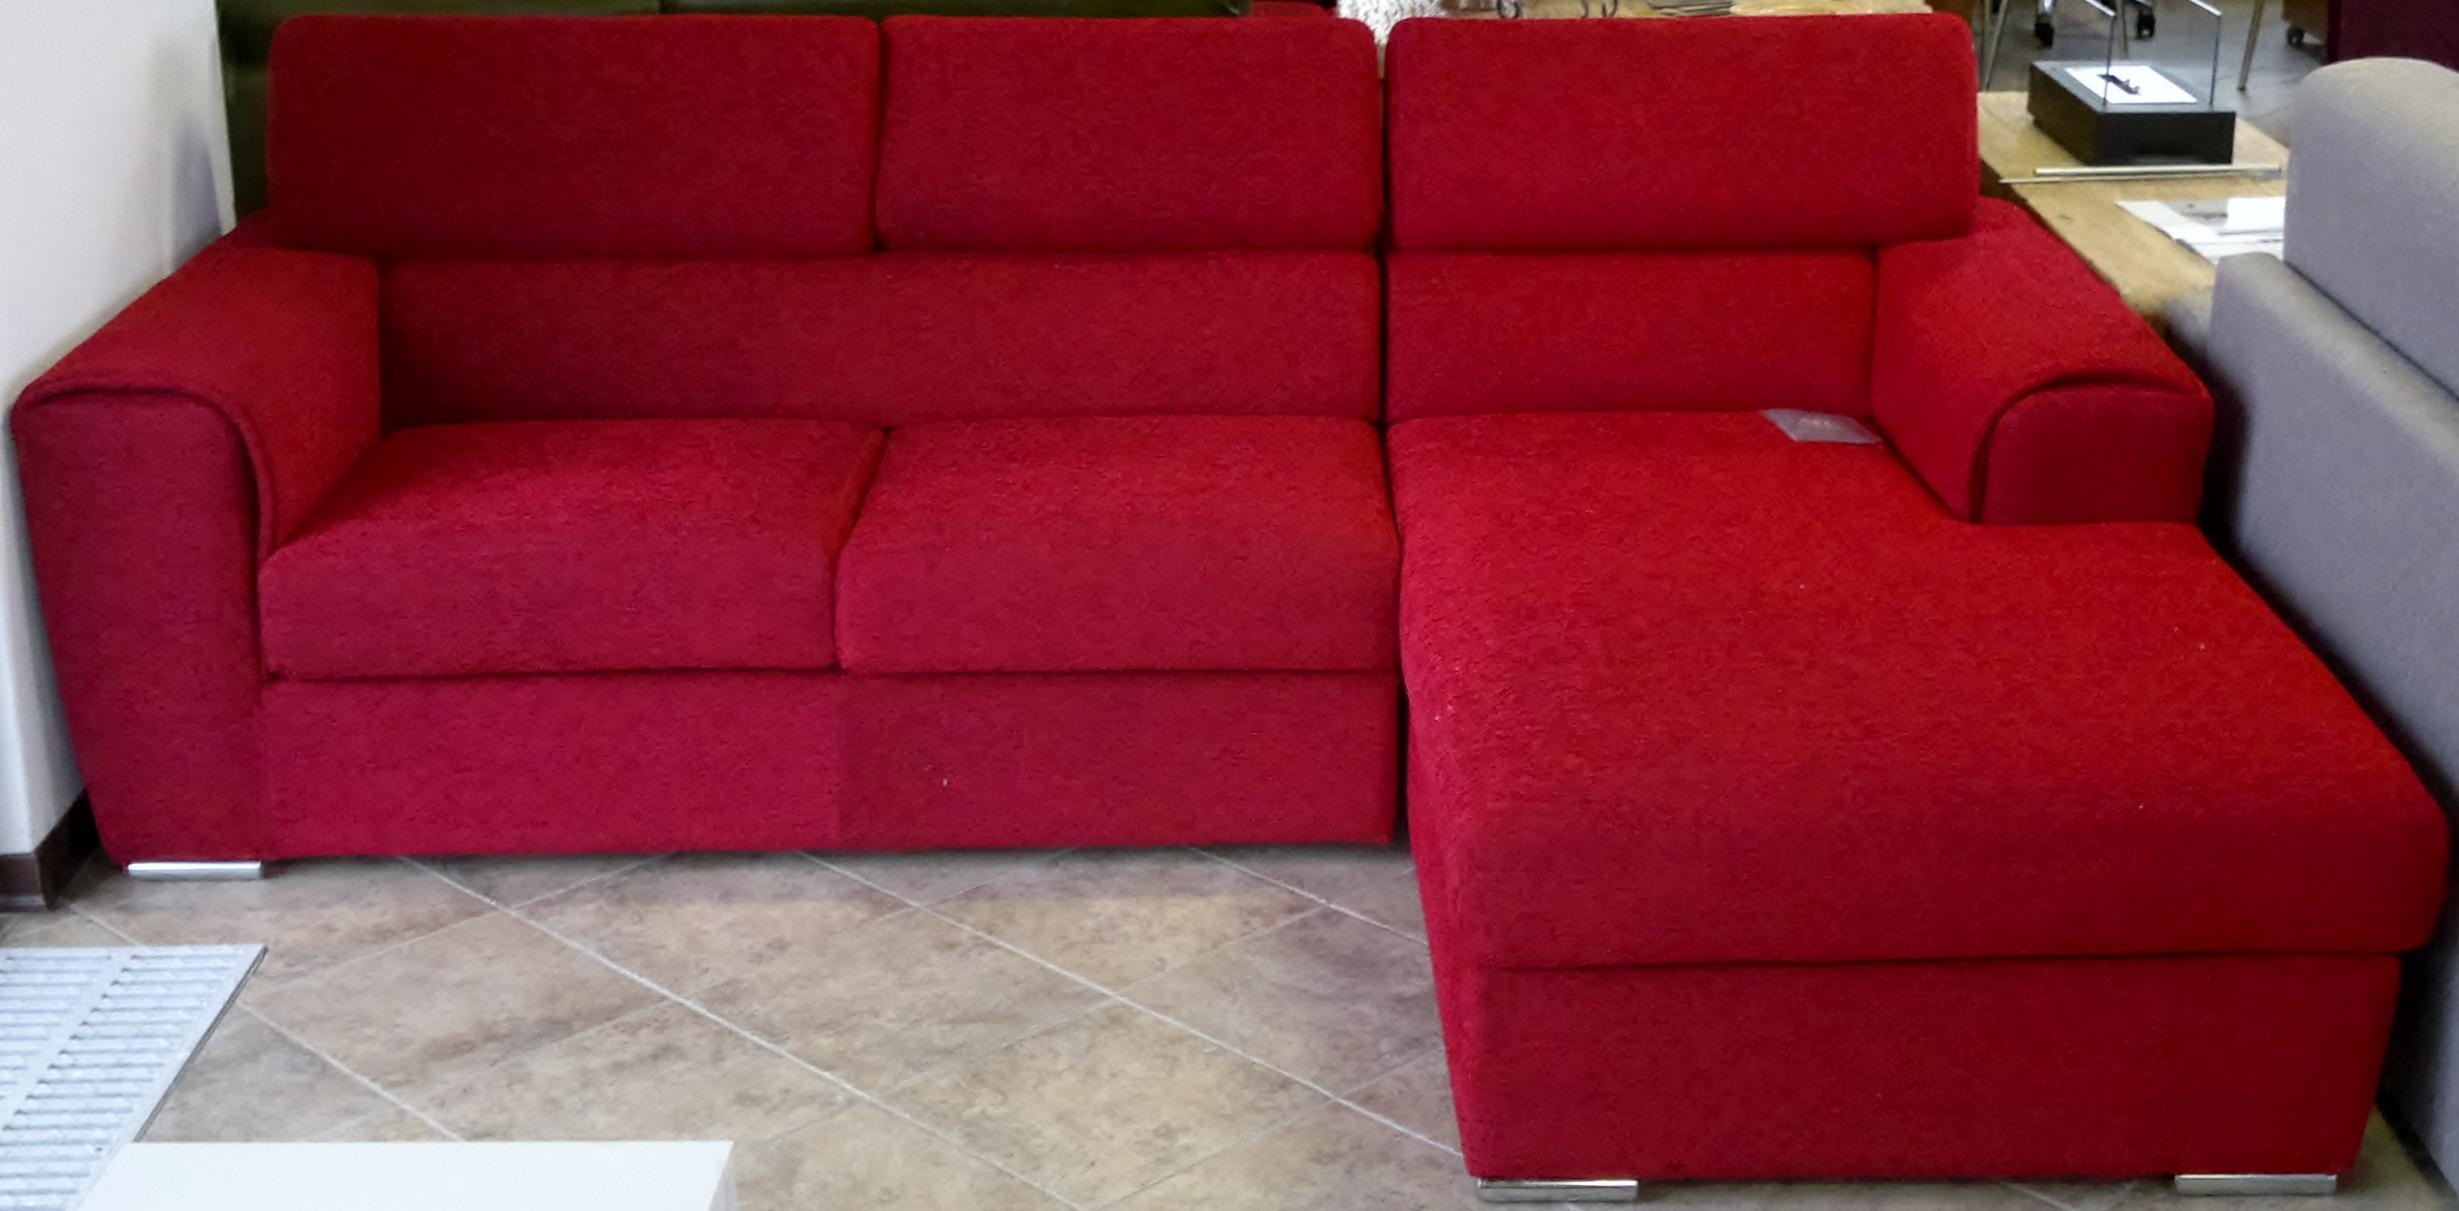 Divano ad angolo scontato divani a prezzi scontati - Divano ad angolo prezzi ...